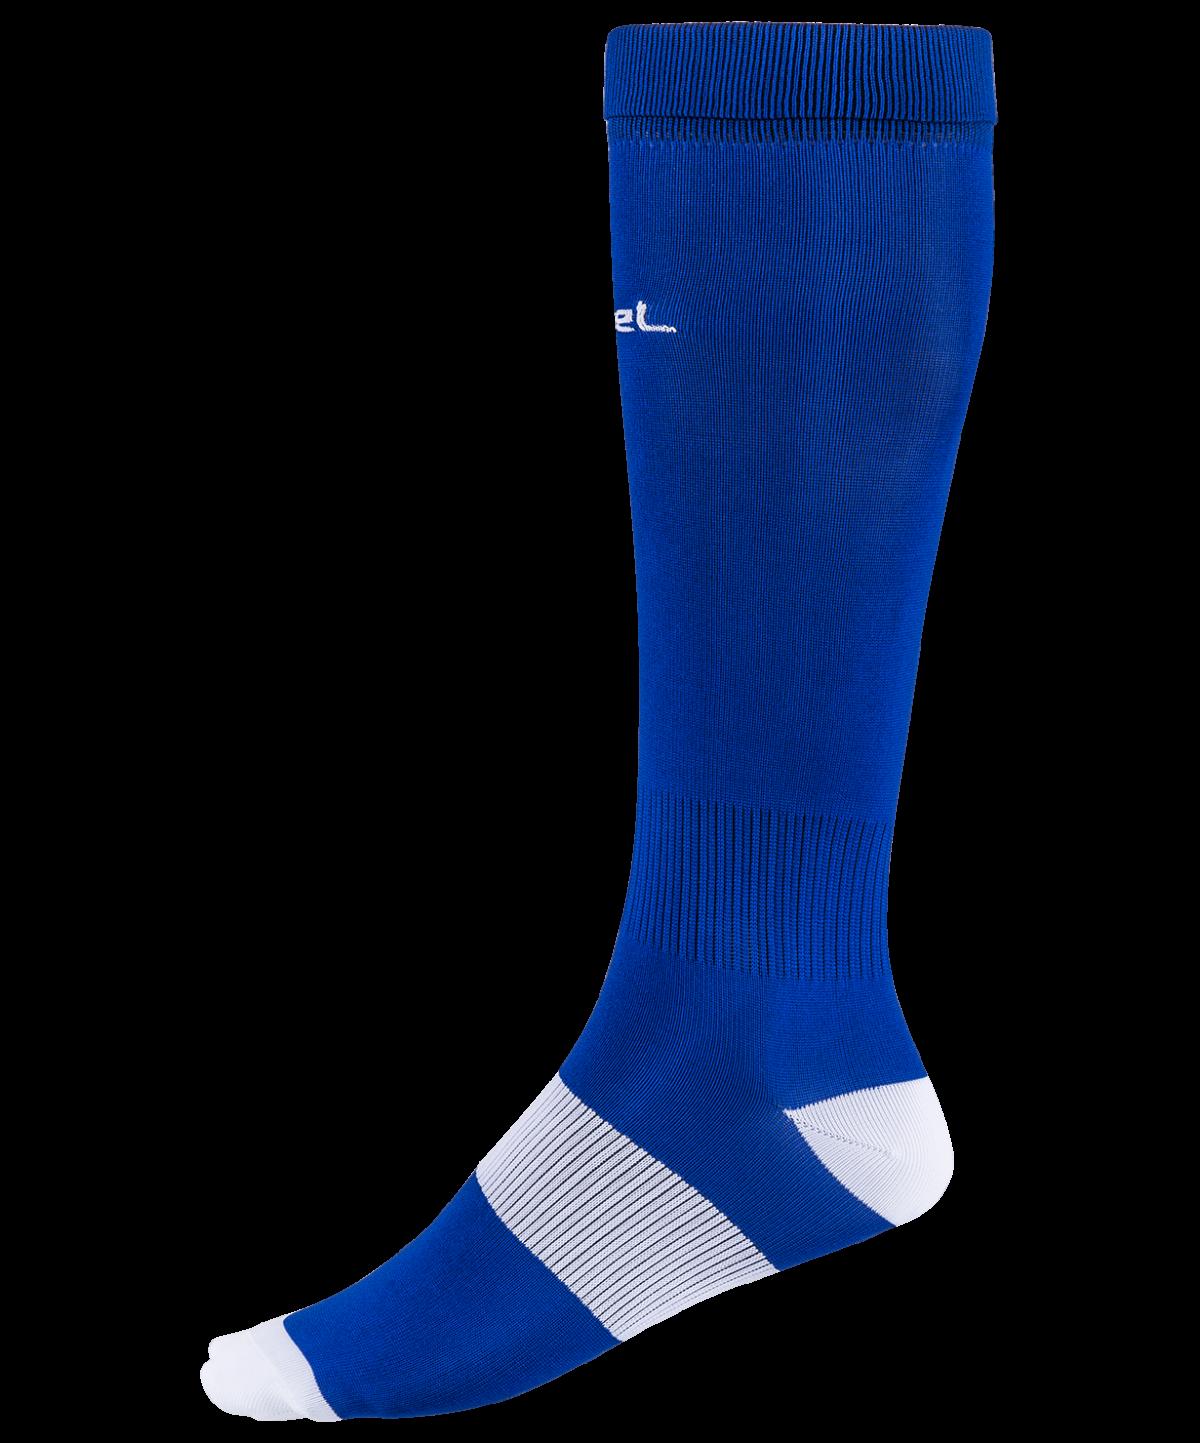 JOGEL Гетры футбольные, синий/белый  JA-001 - 2